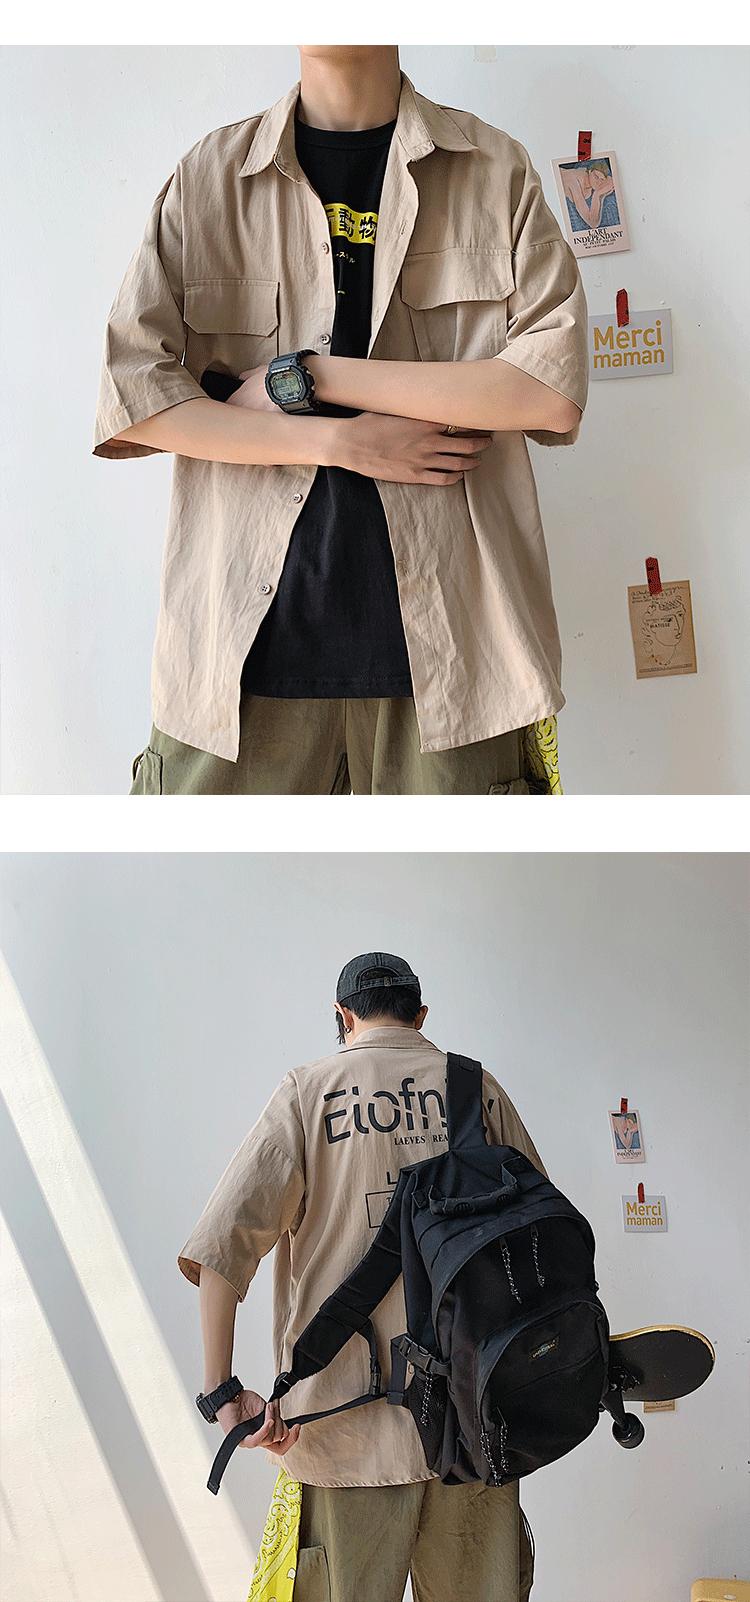 2020夏季 短袖工装衬衫衬衫 男士衬衣 A009-S609-P50(控价68)藏